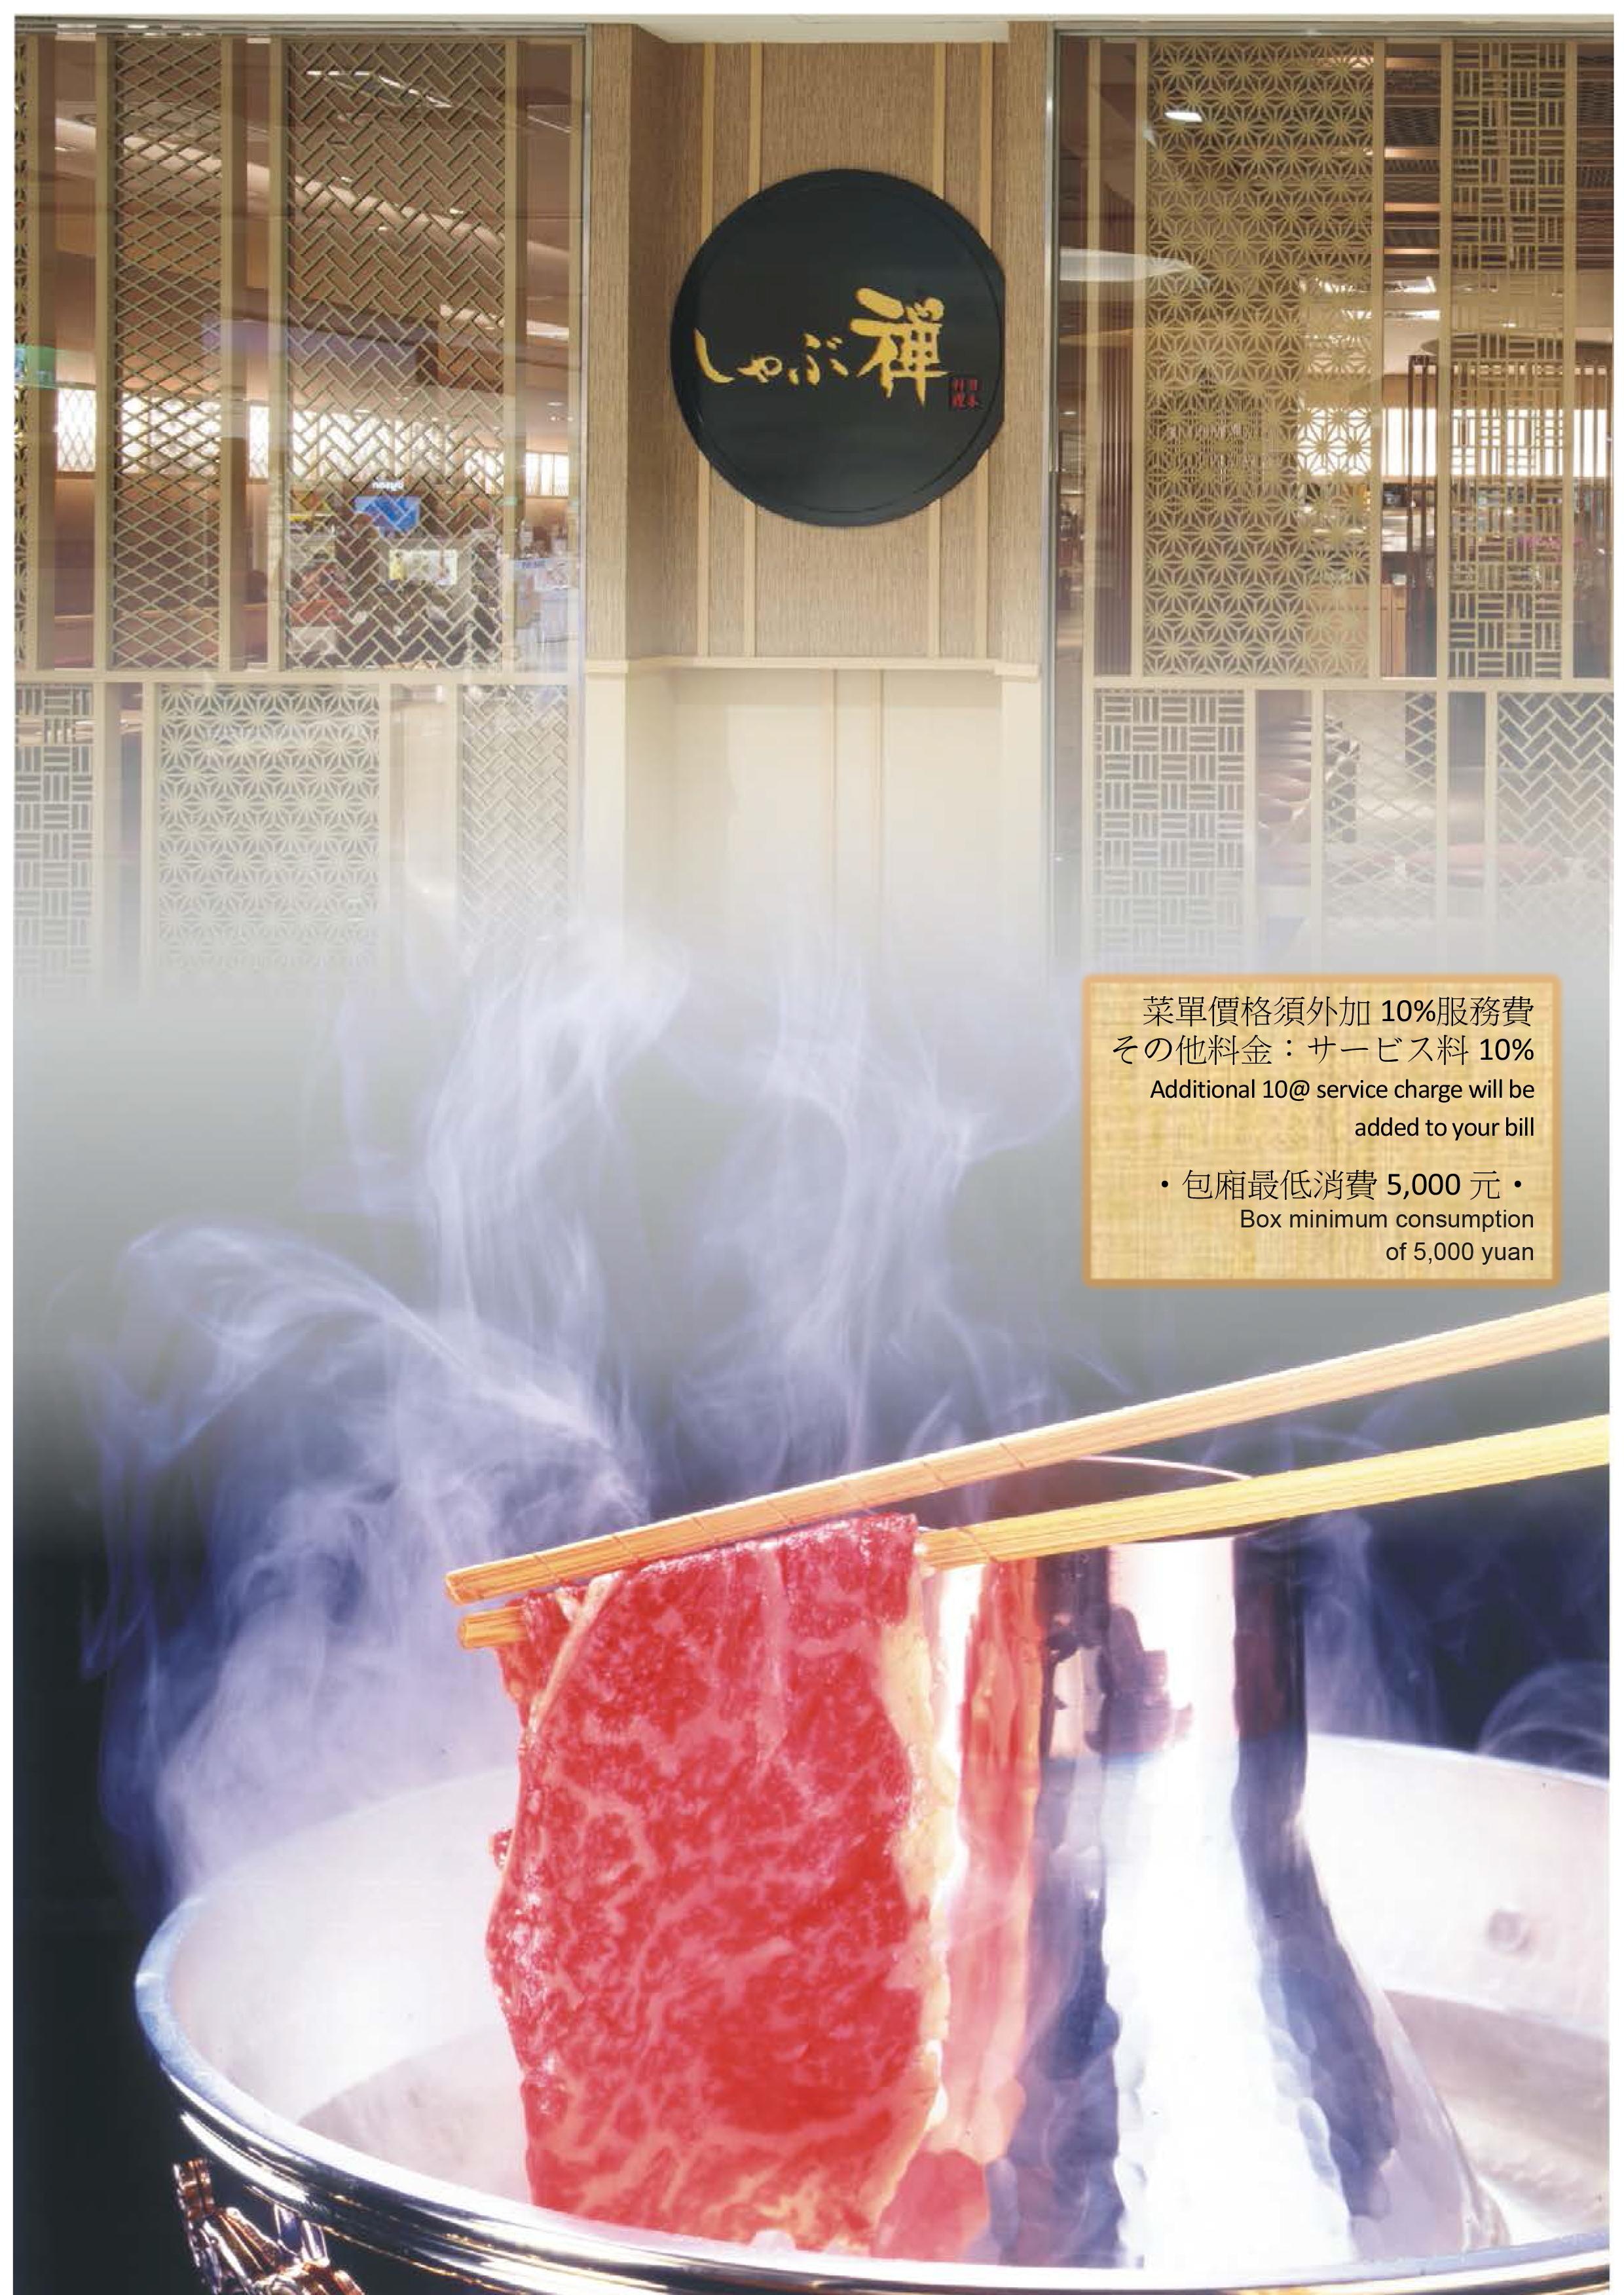 0925菜單OK-新 (1)-1.jpg